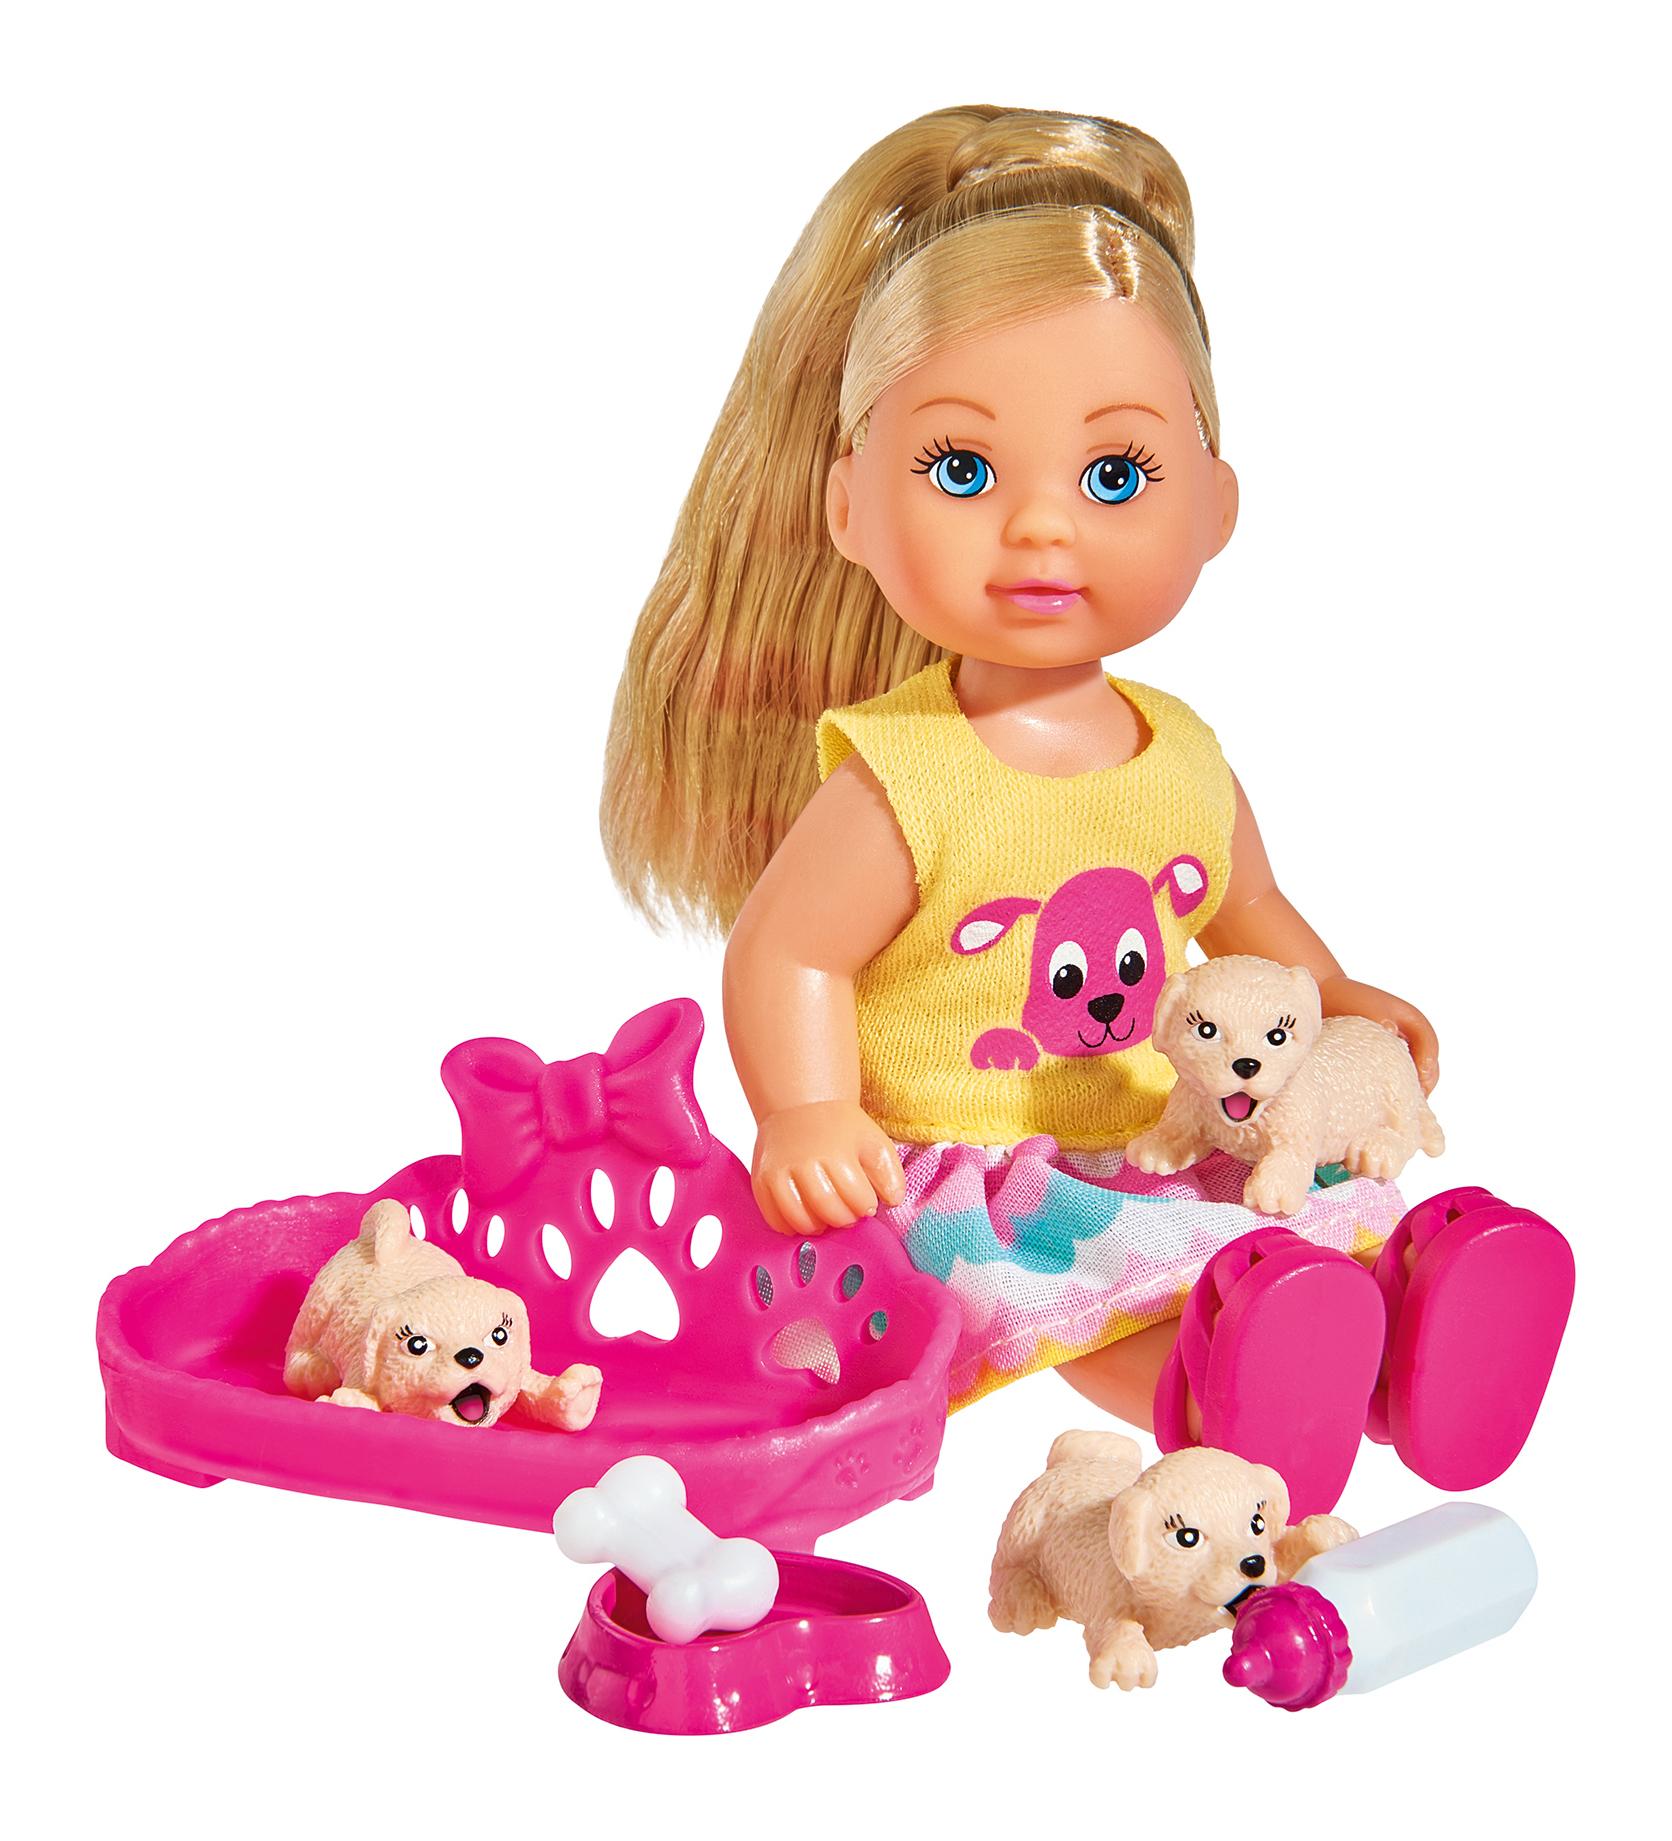 Кукла Simba Кукла Еви с собачками, 12 см